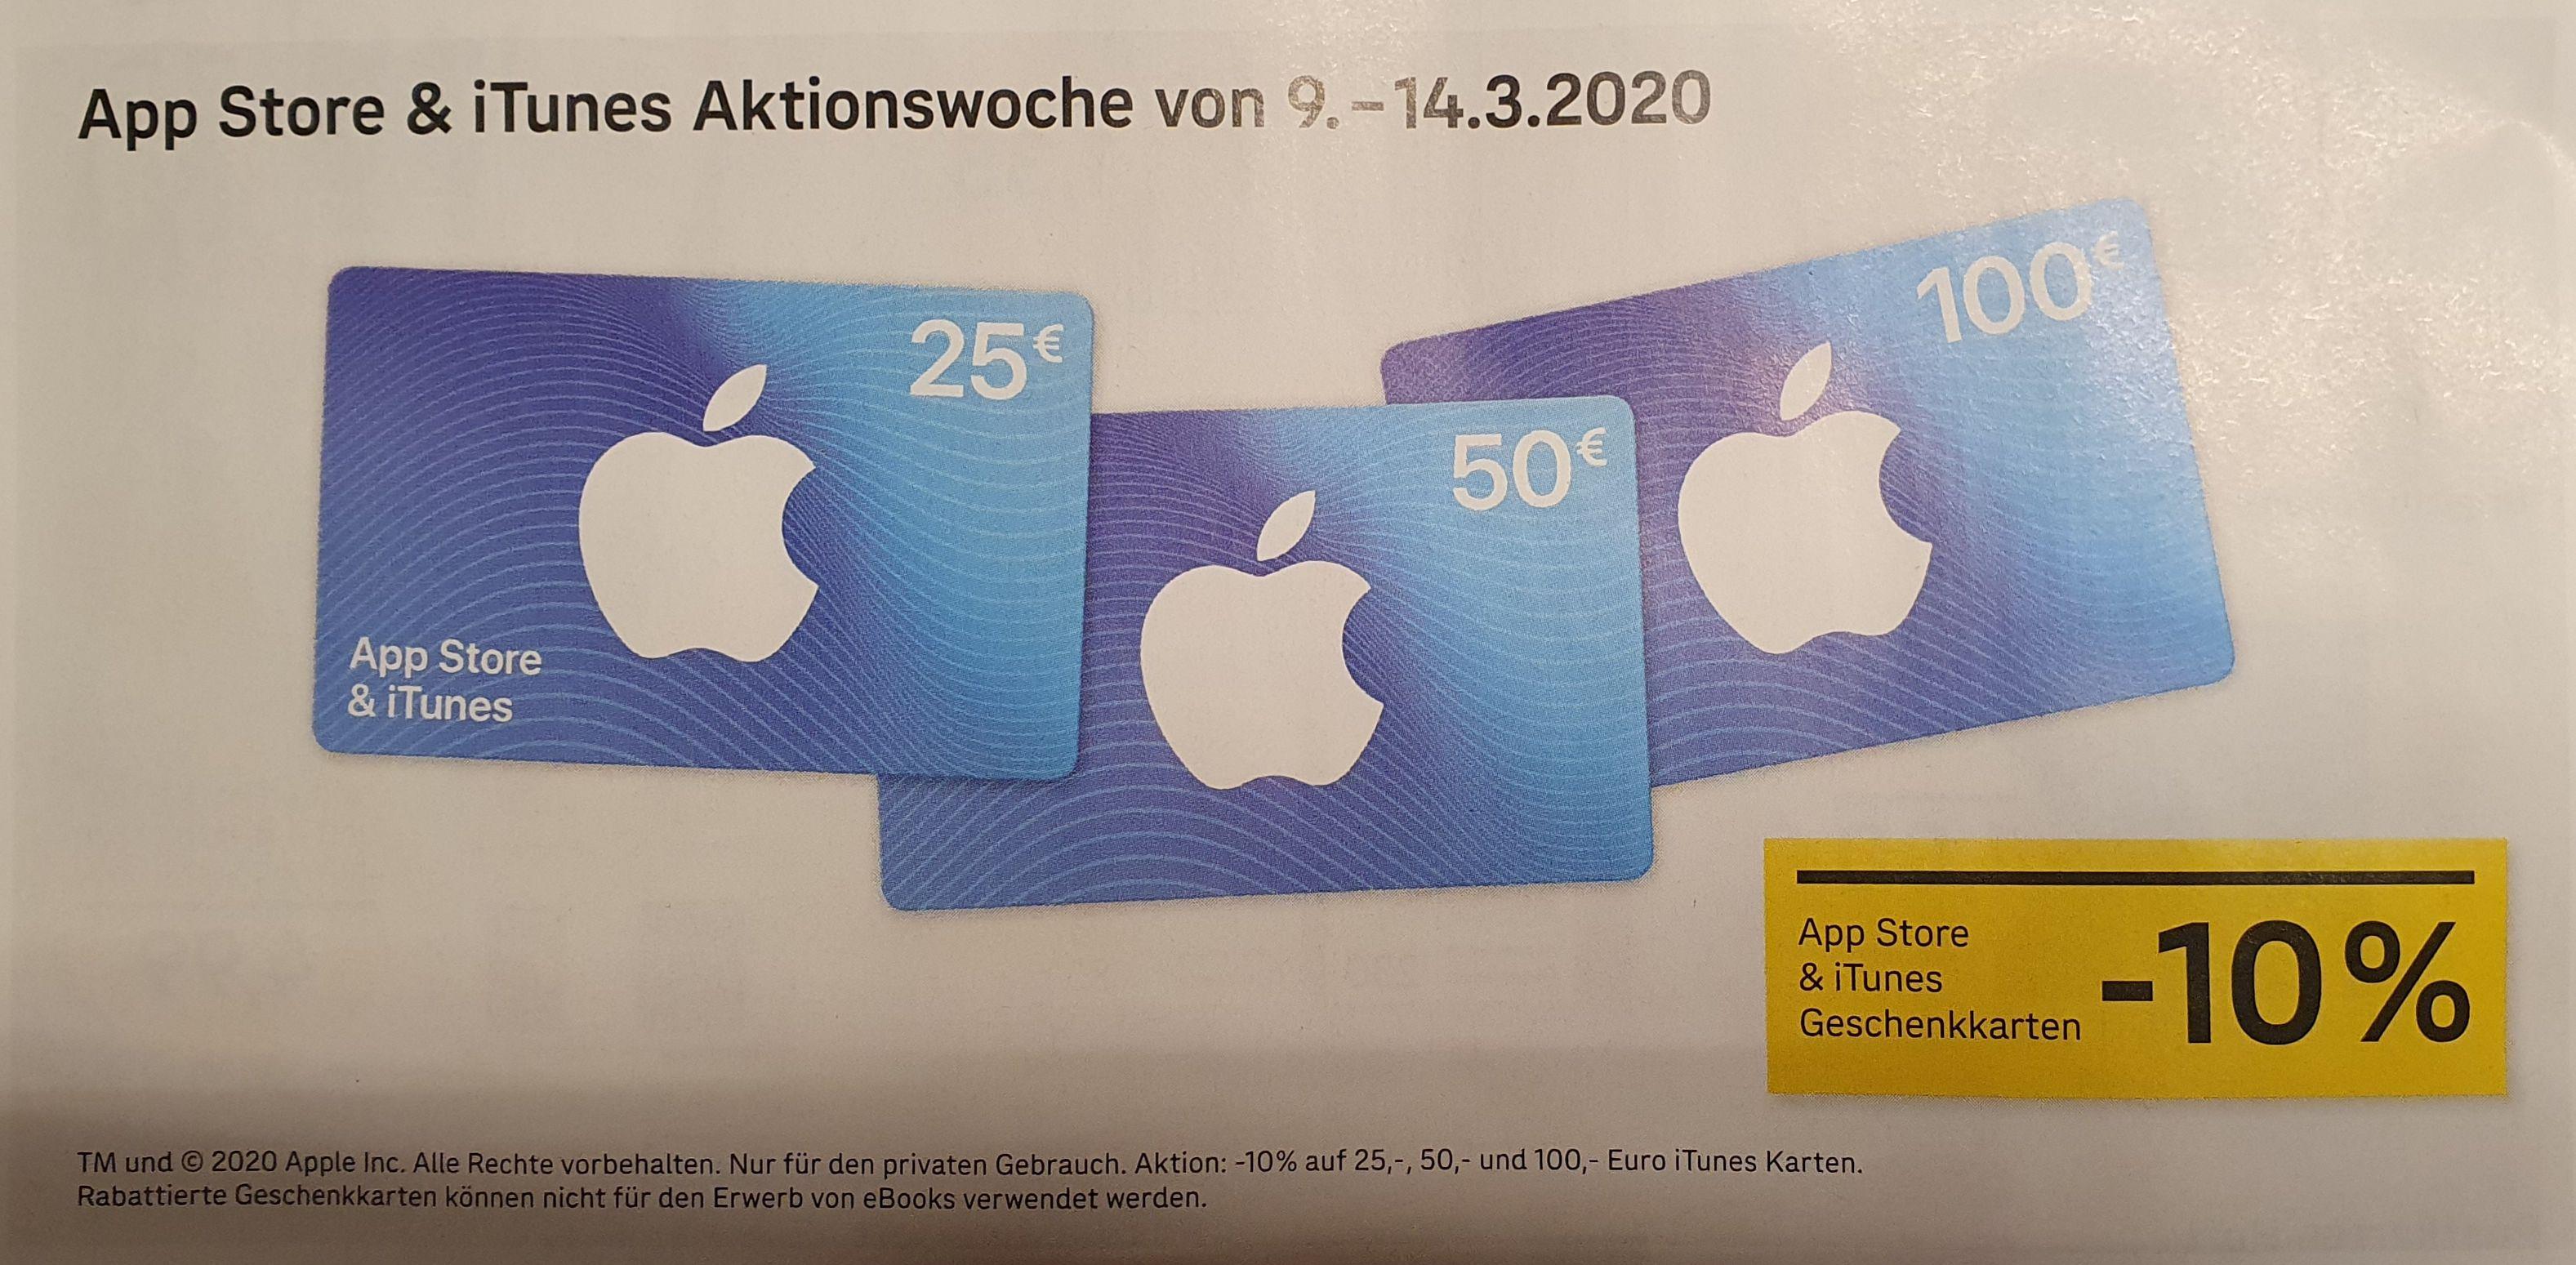 -10% auf 25, 50 u. 100 Euro iTunes Geschenkkarten